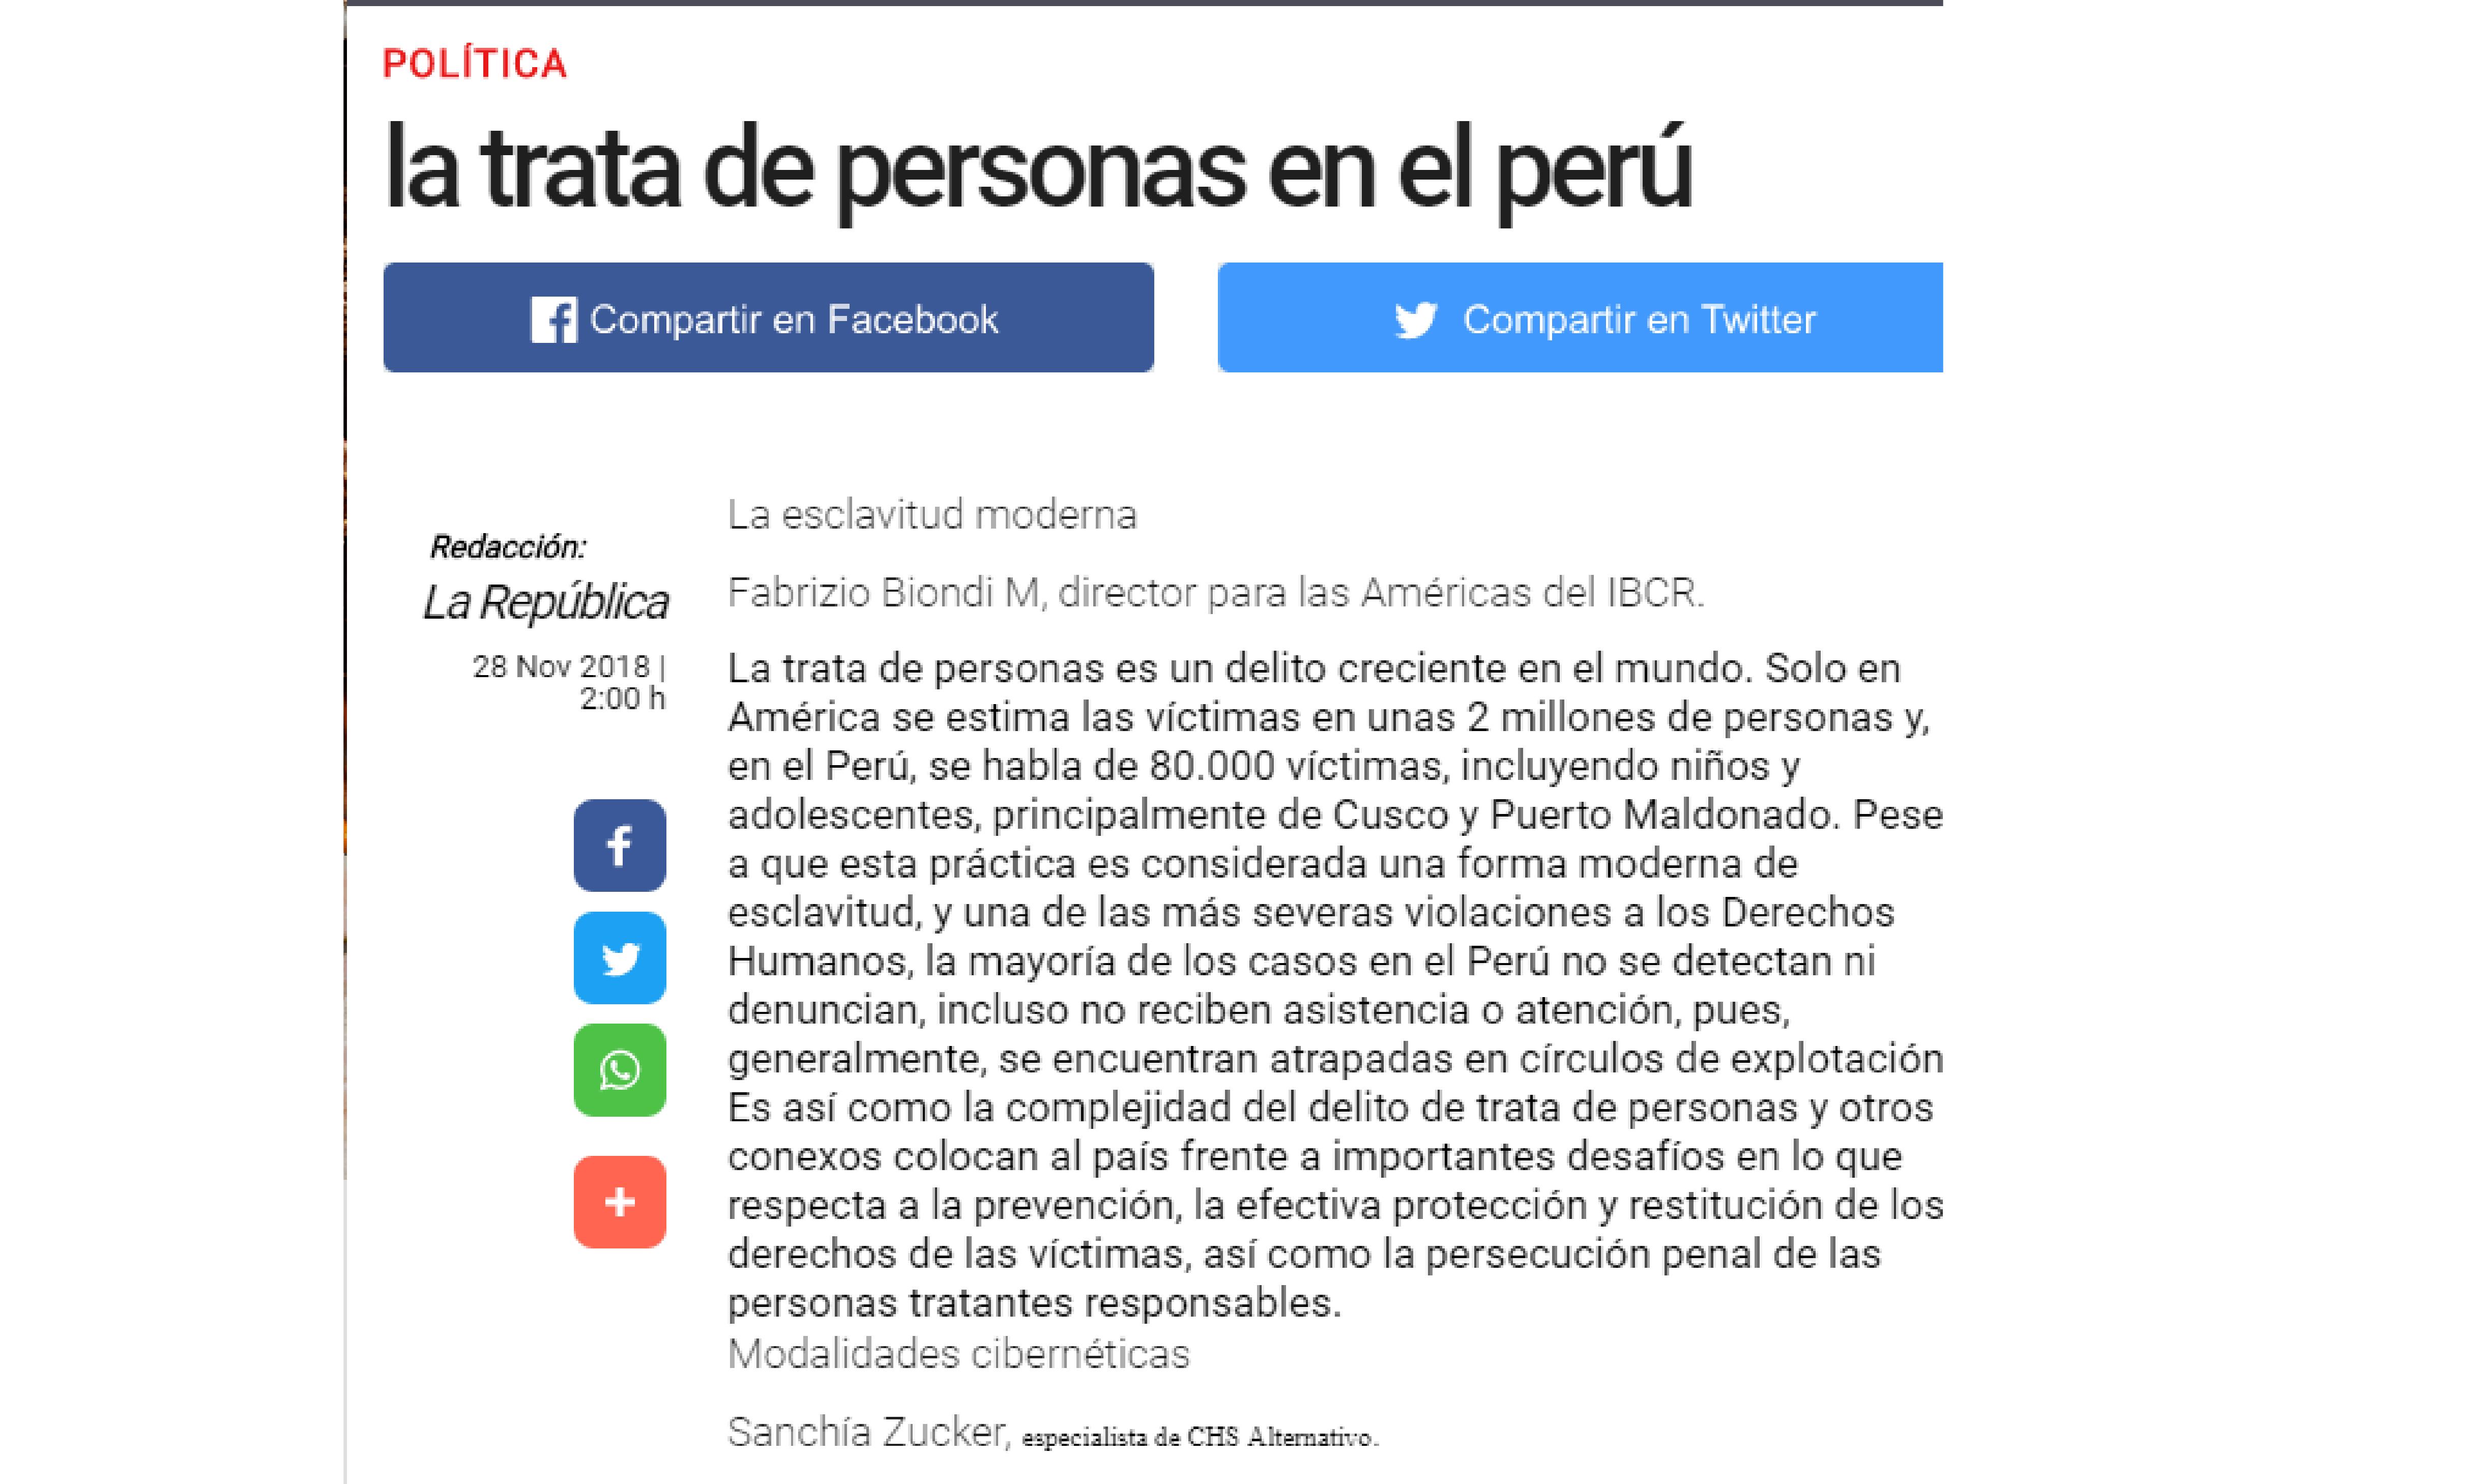 La República: La trata de personas en el Perú